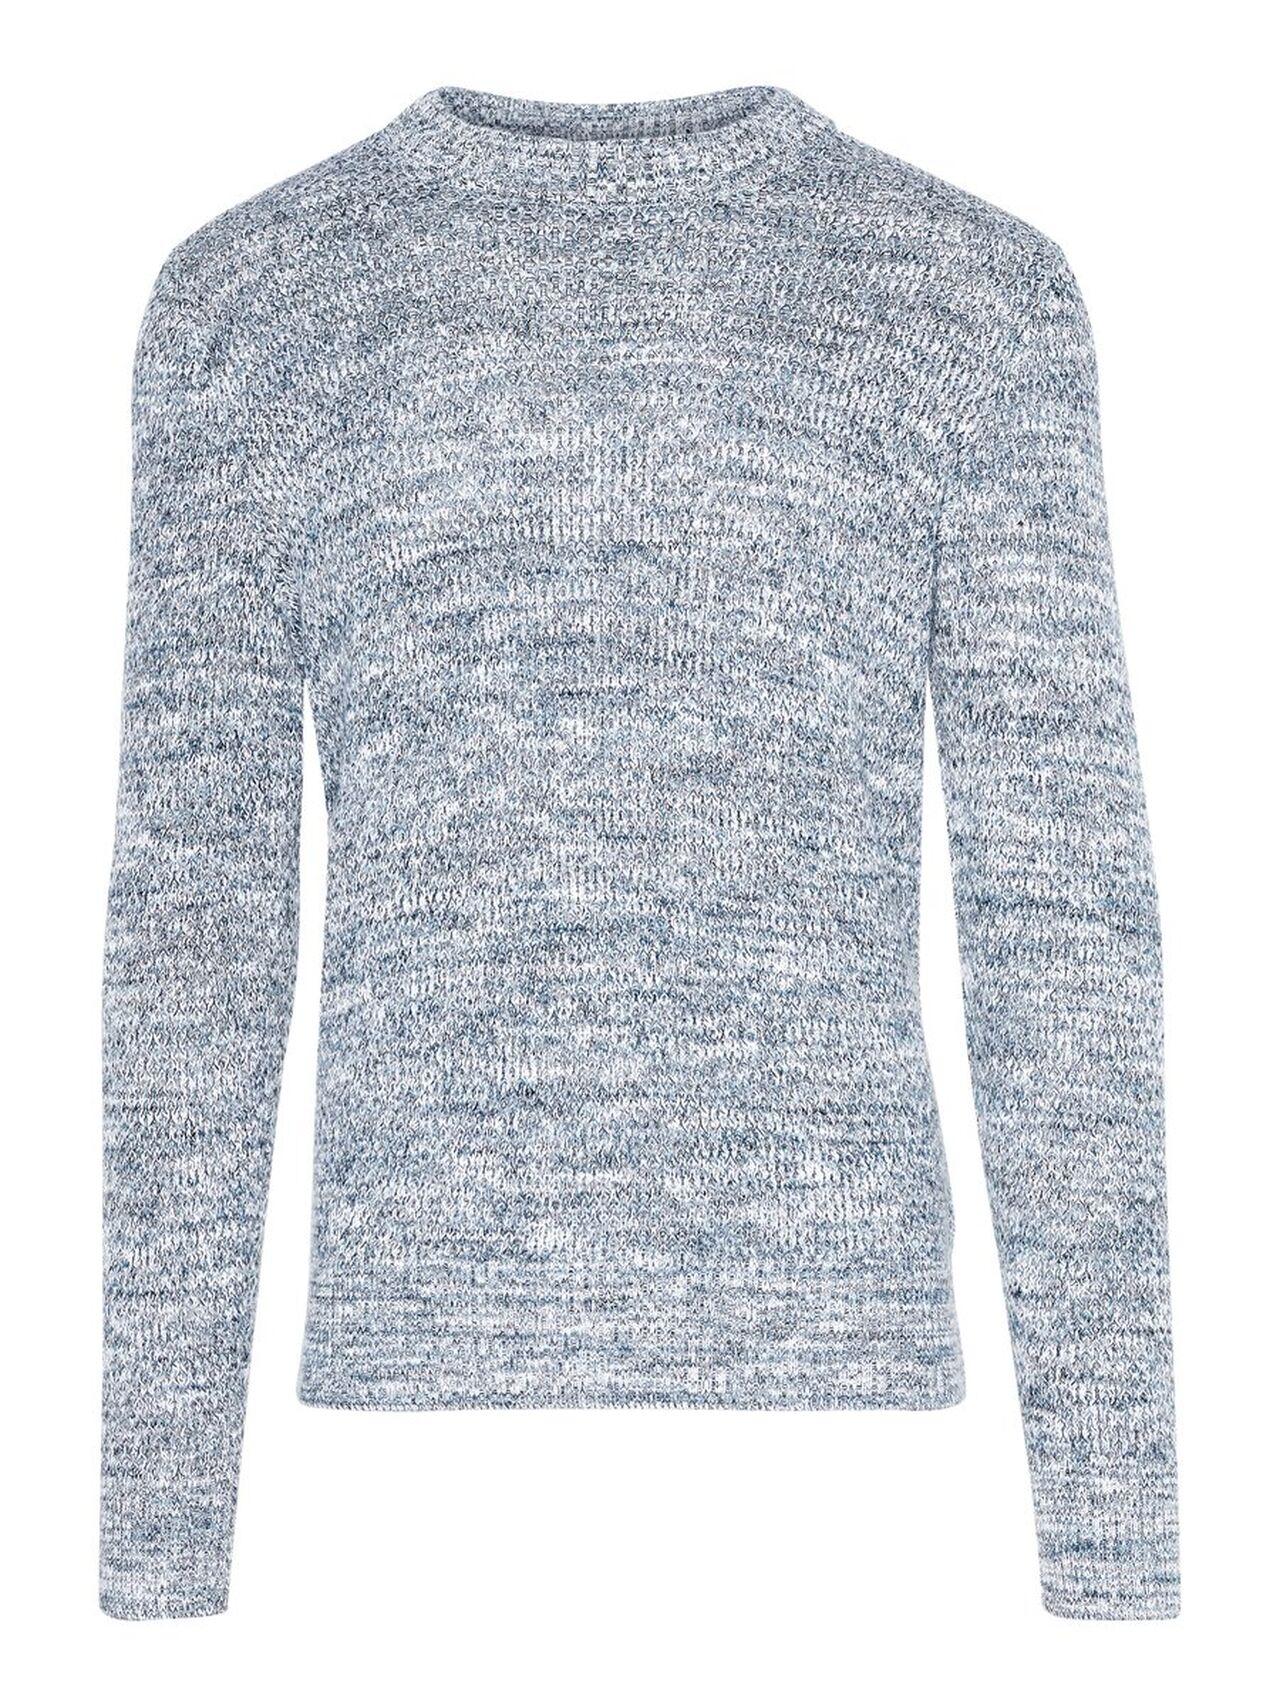 J.LINDEBERG Devin 2-tone Structure Sweater Man Blå